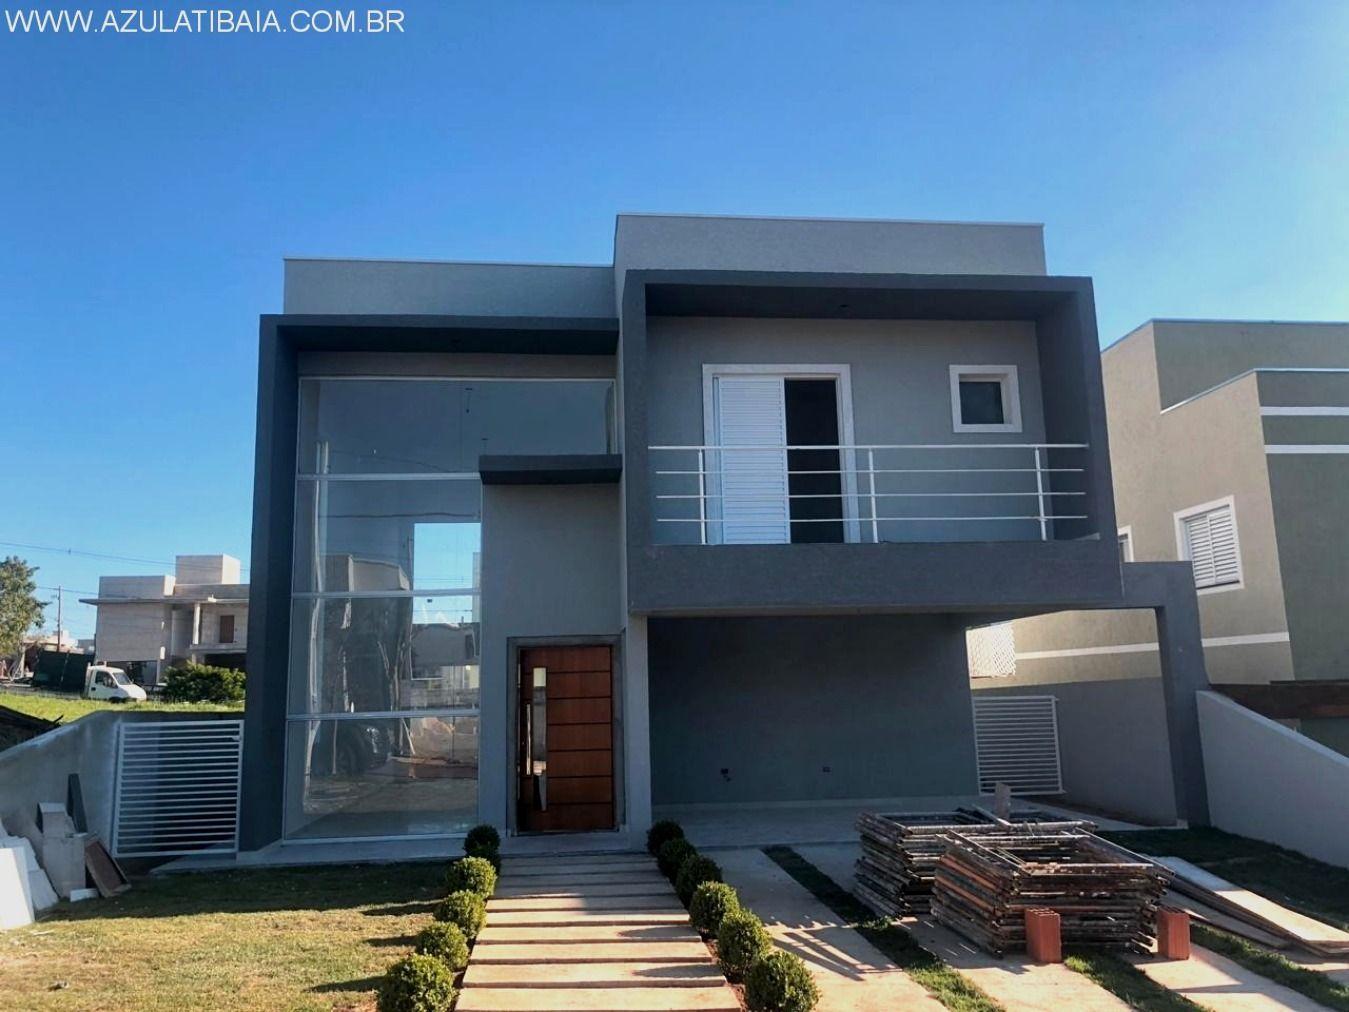 Casa nova a venda, Atibaia Park portaria, rondas, área de